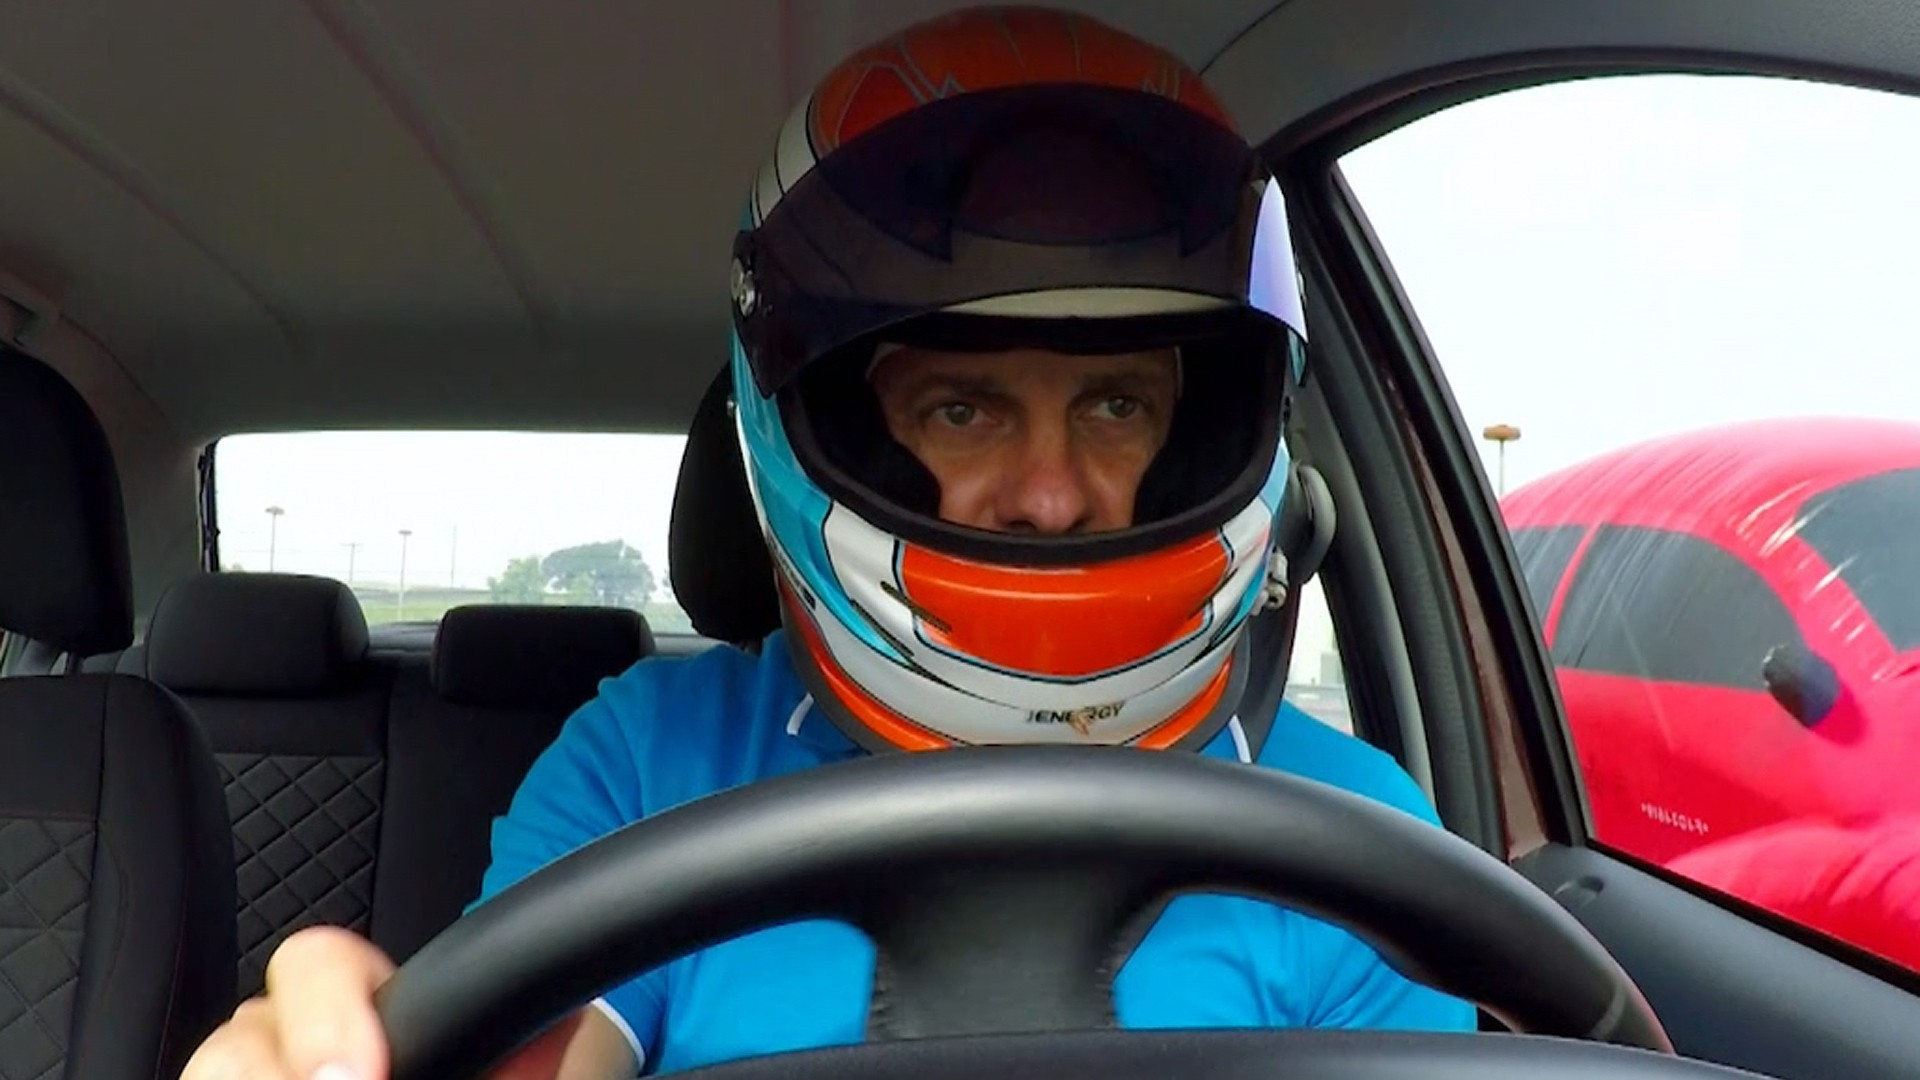 O que fazer quando a roda trava e as vantagens do lubrificante a granel no programa Auto Esporte (Foto: Divulgação)